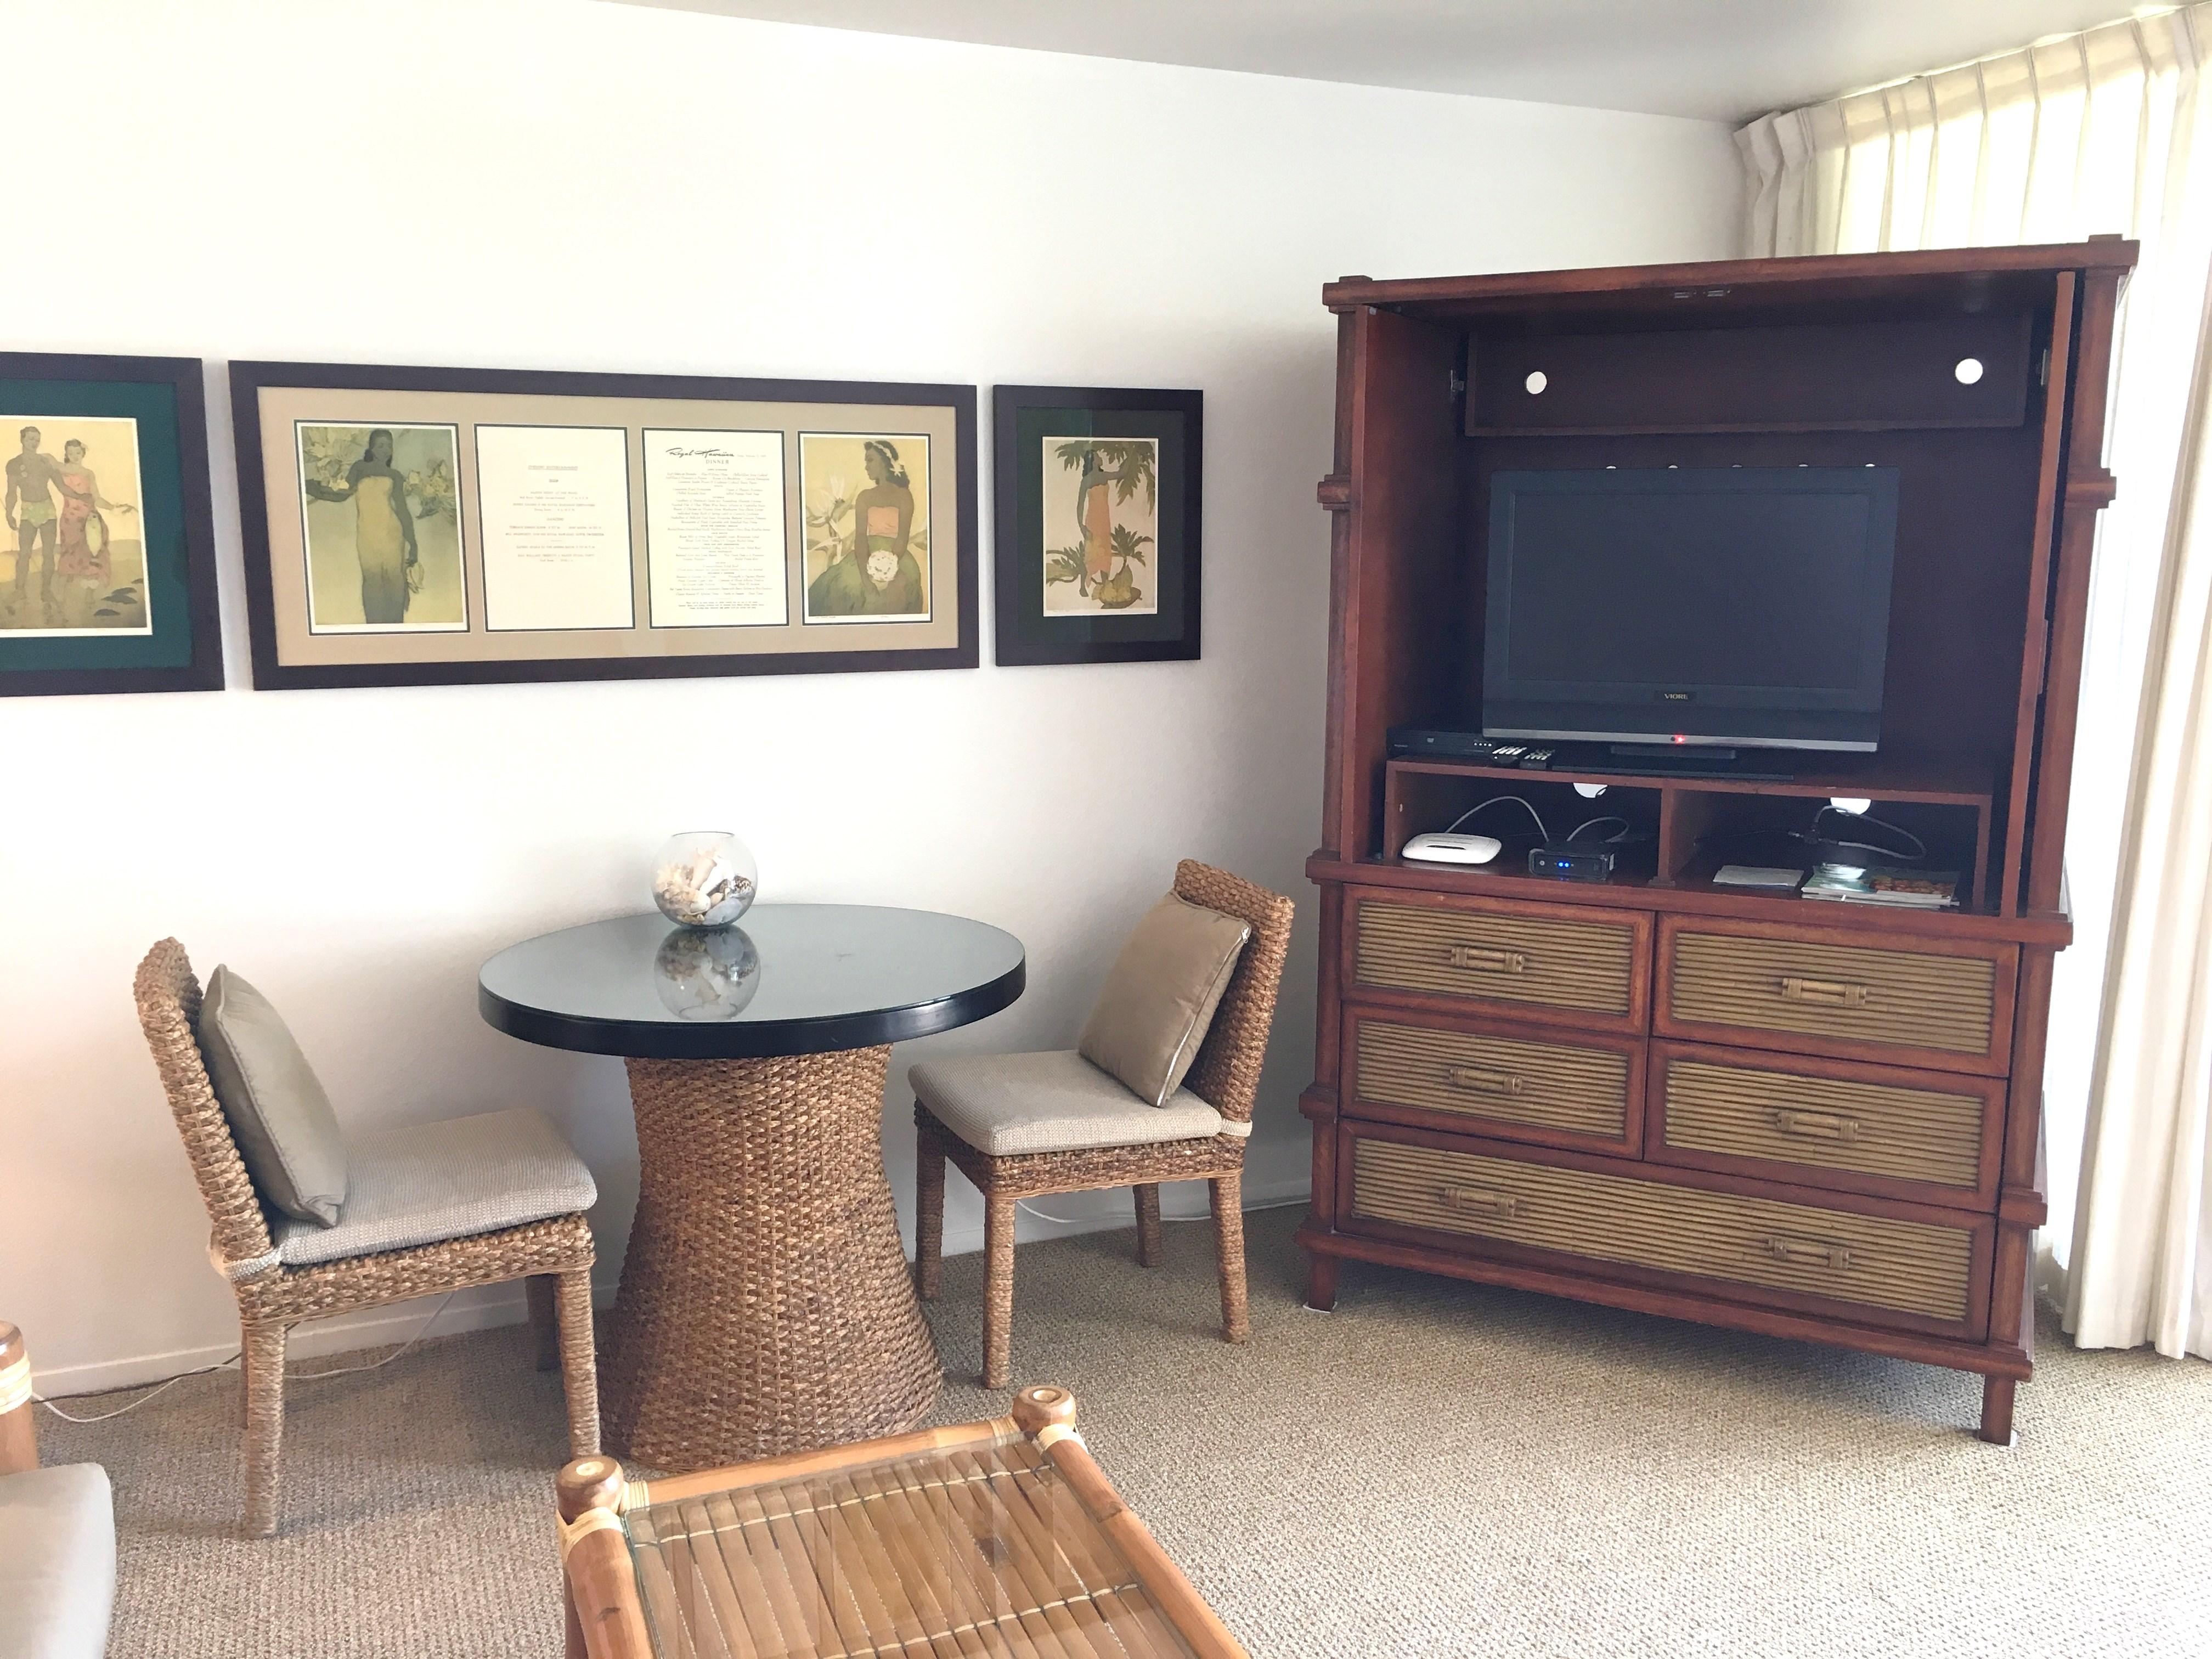 Television and dining at Wailua Bay View